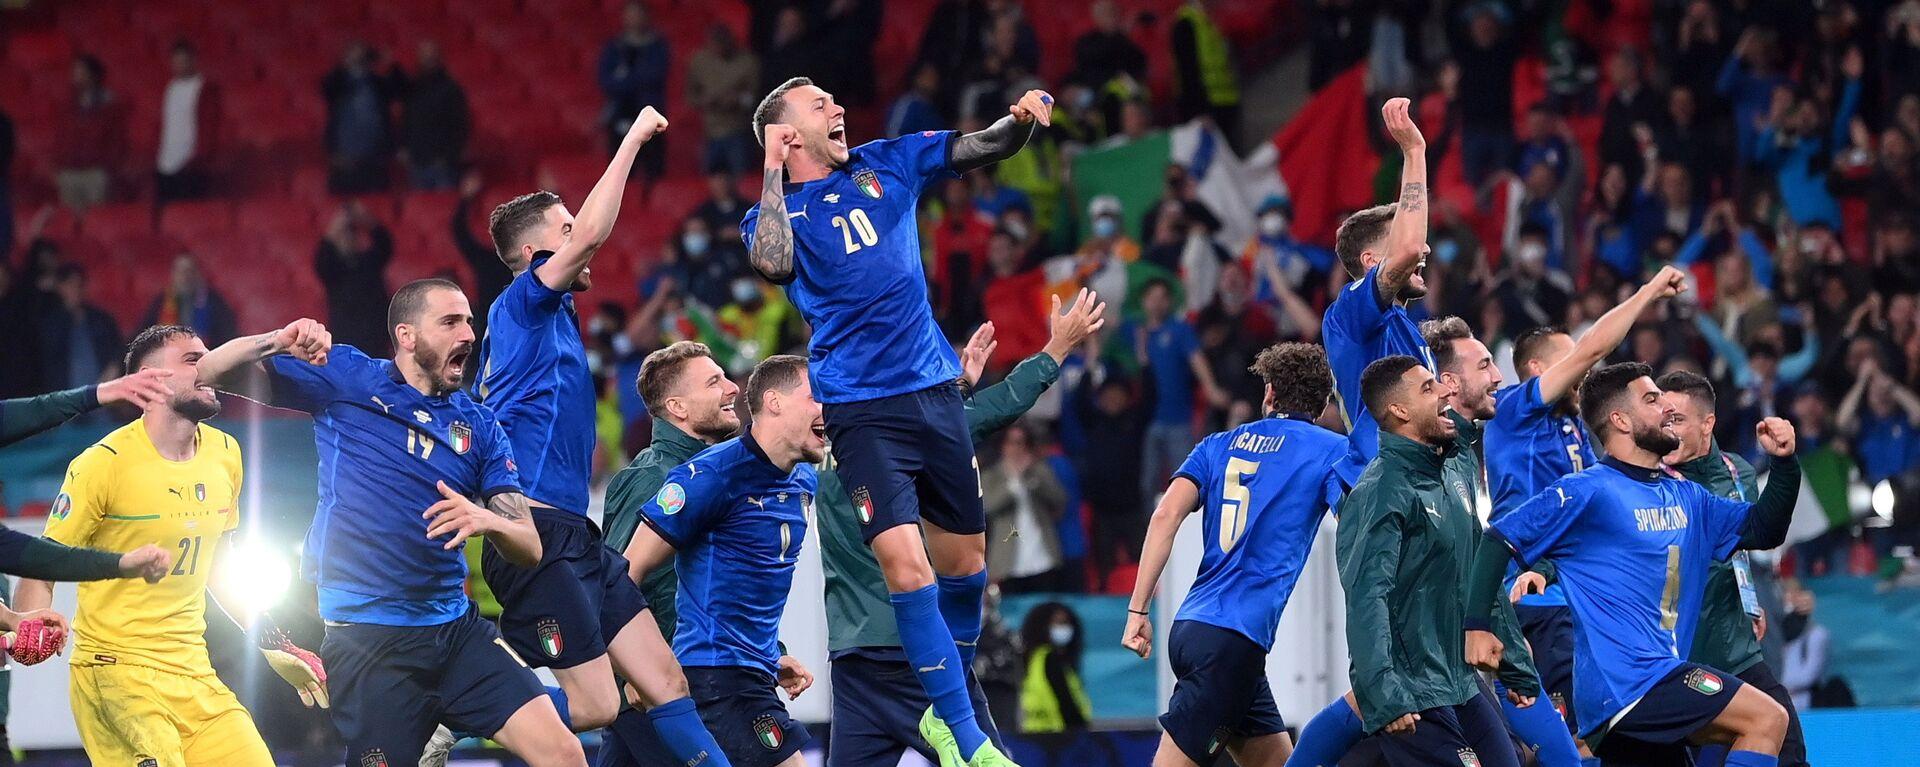 Nazionale Italiana dopo la vittoria contro la Spagna, Euro 2020 - Sputnik Italia, 1920, 15.07.2021